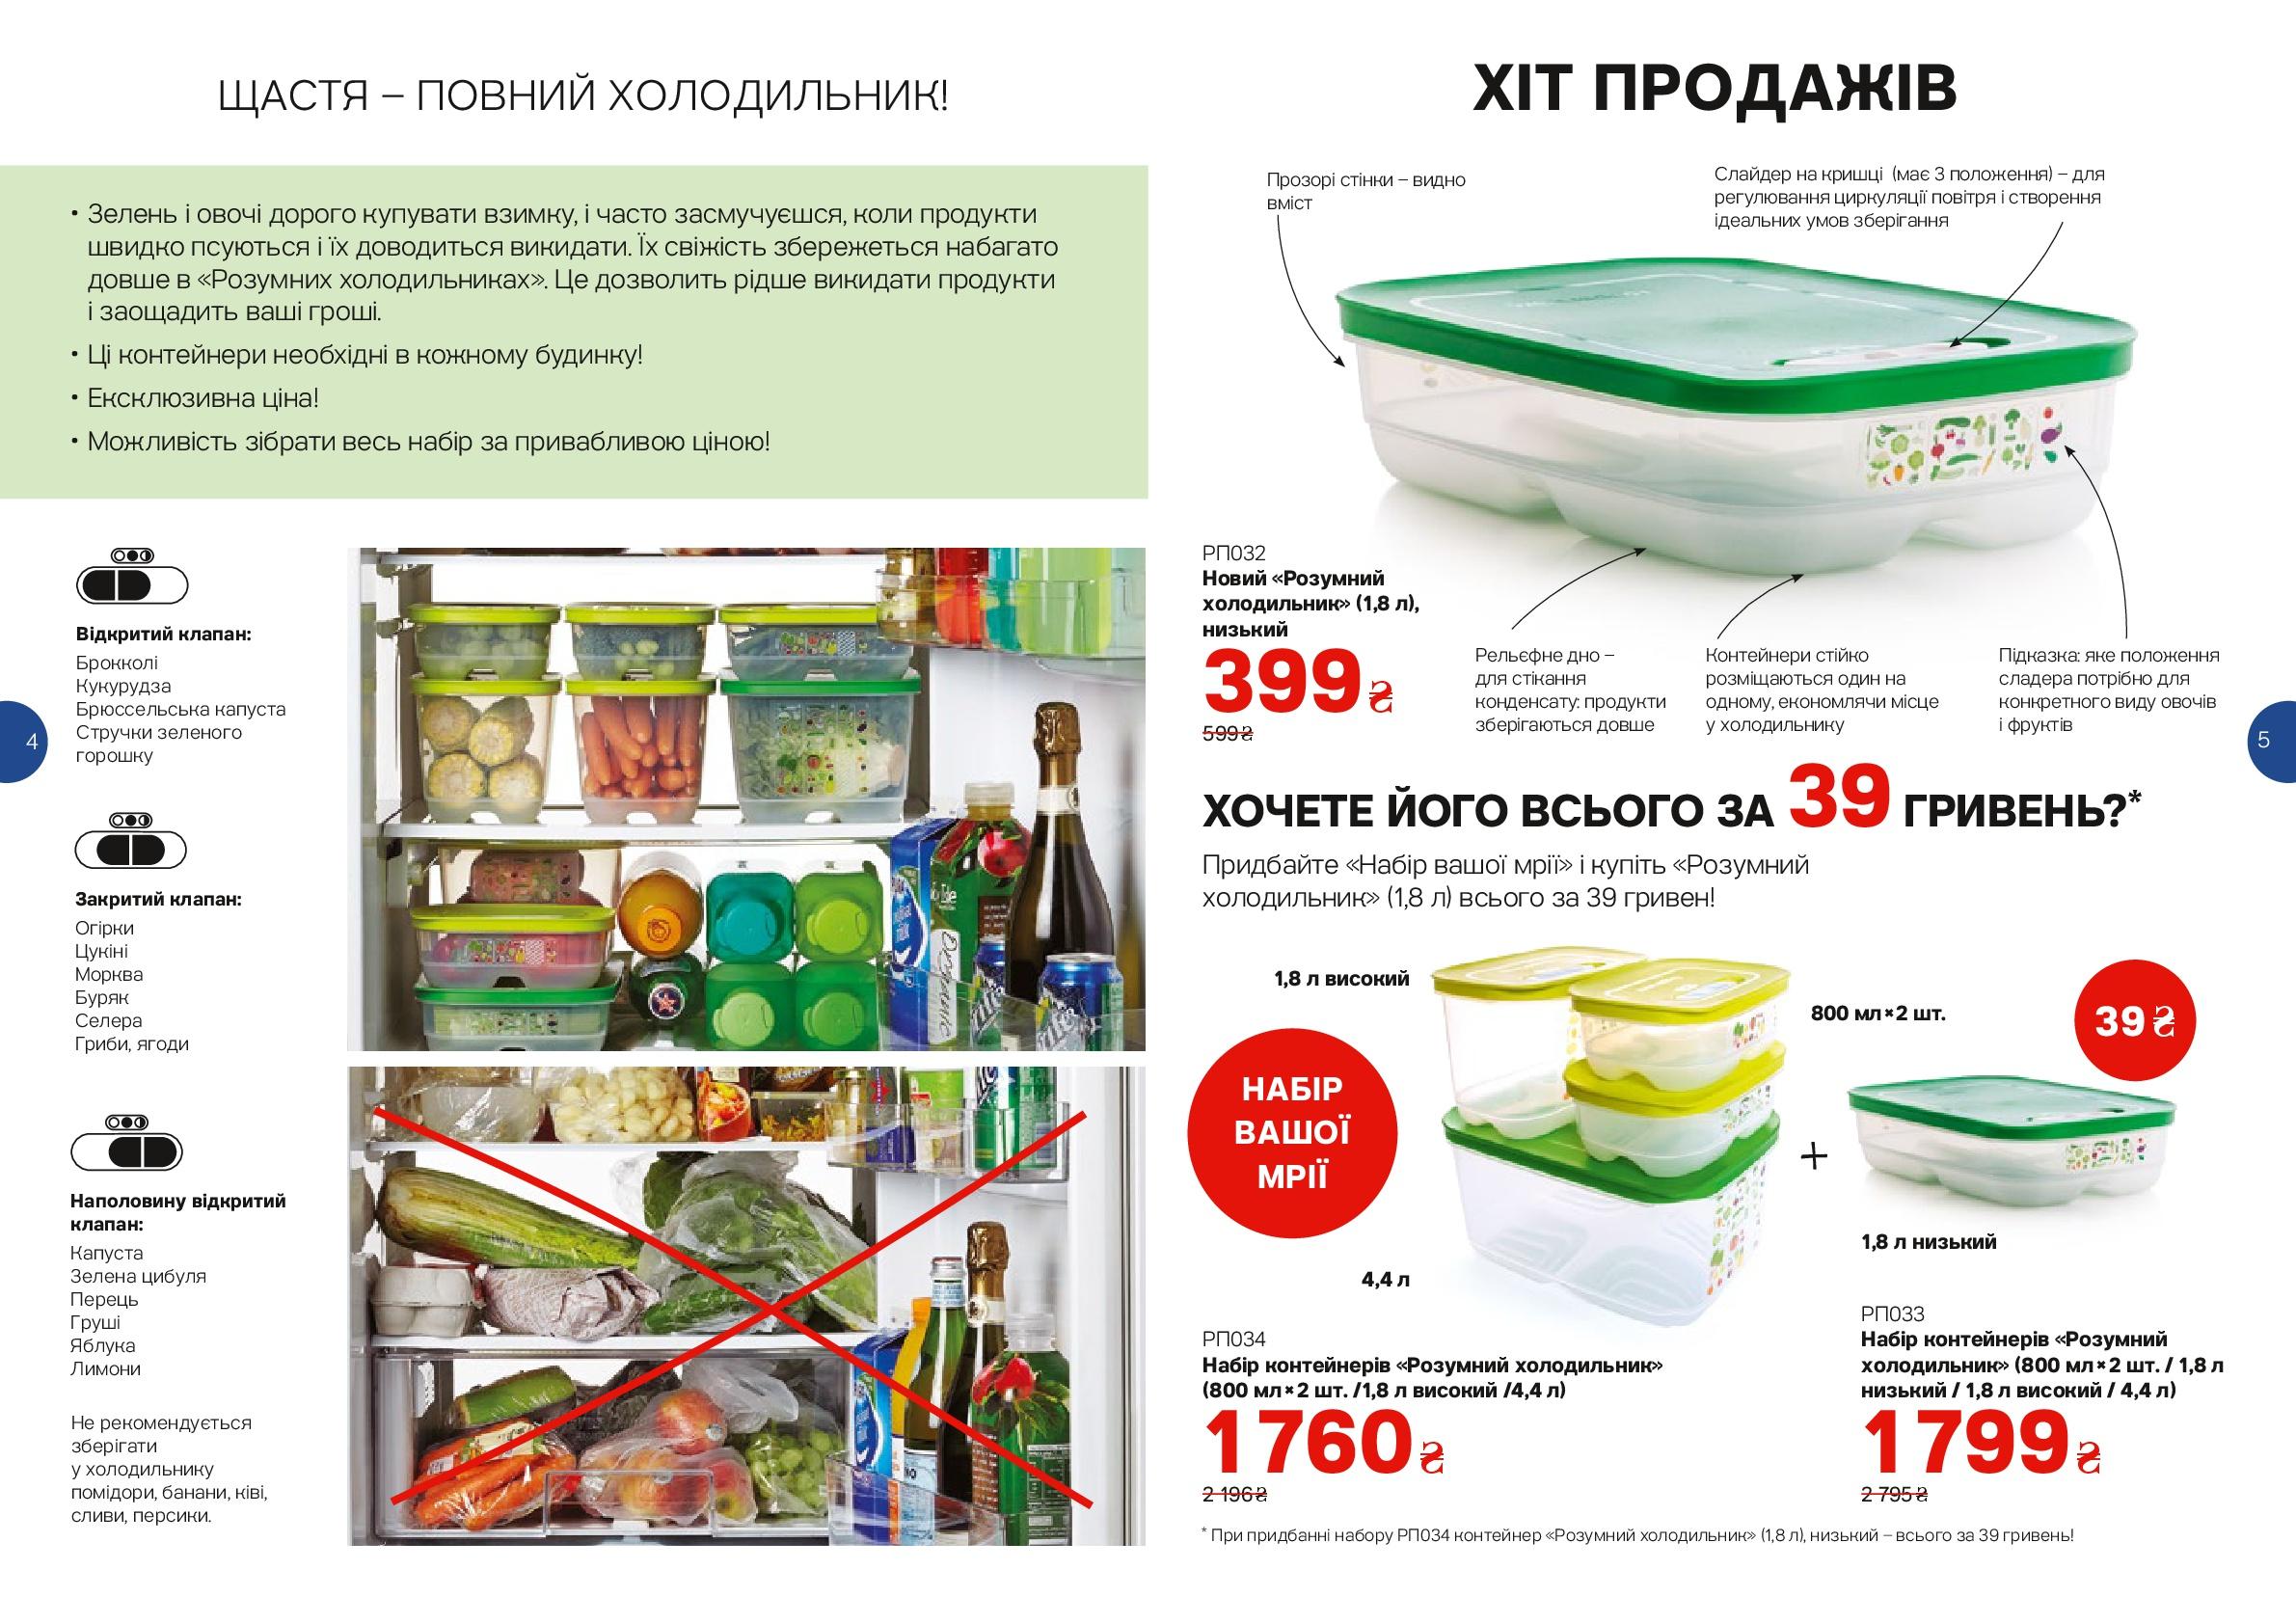 Набор контейнеров умный холодильник Tupperware.